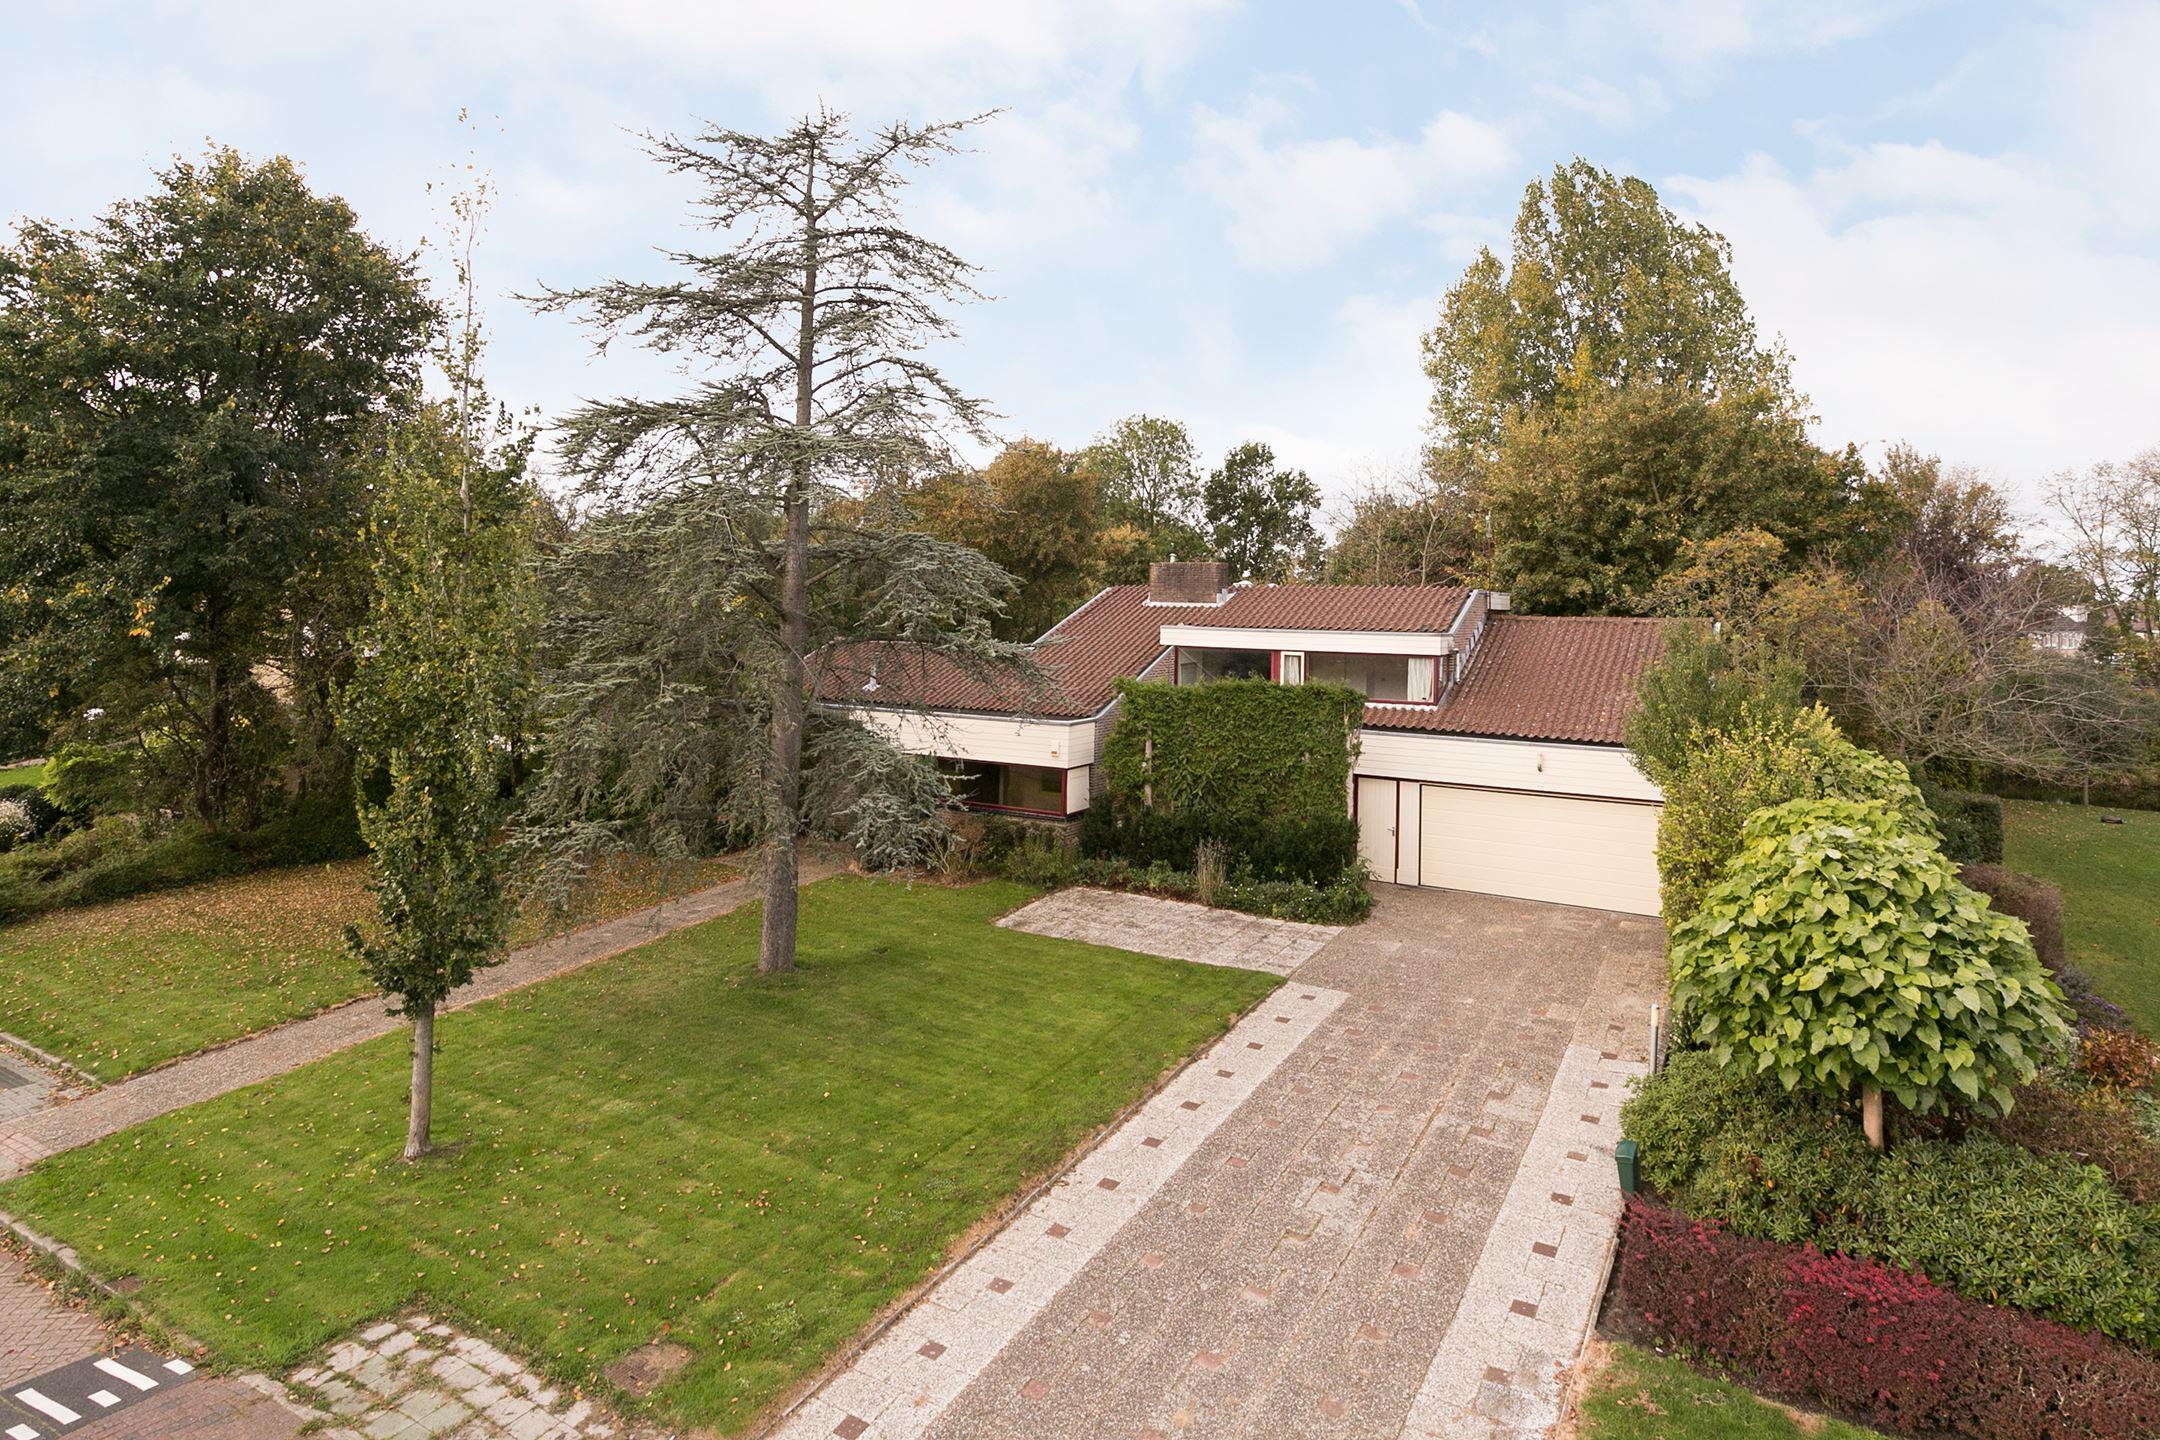 House for sale metiusstraat cm heerhugowaard funda